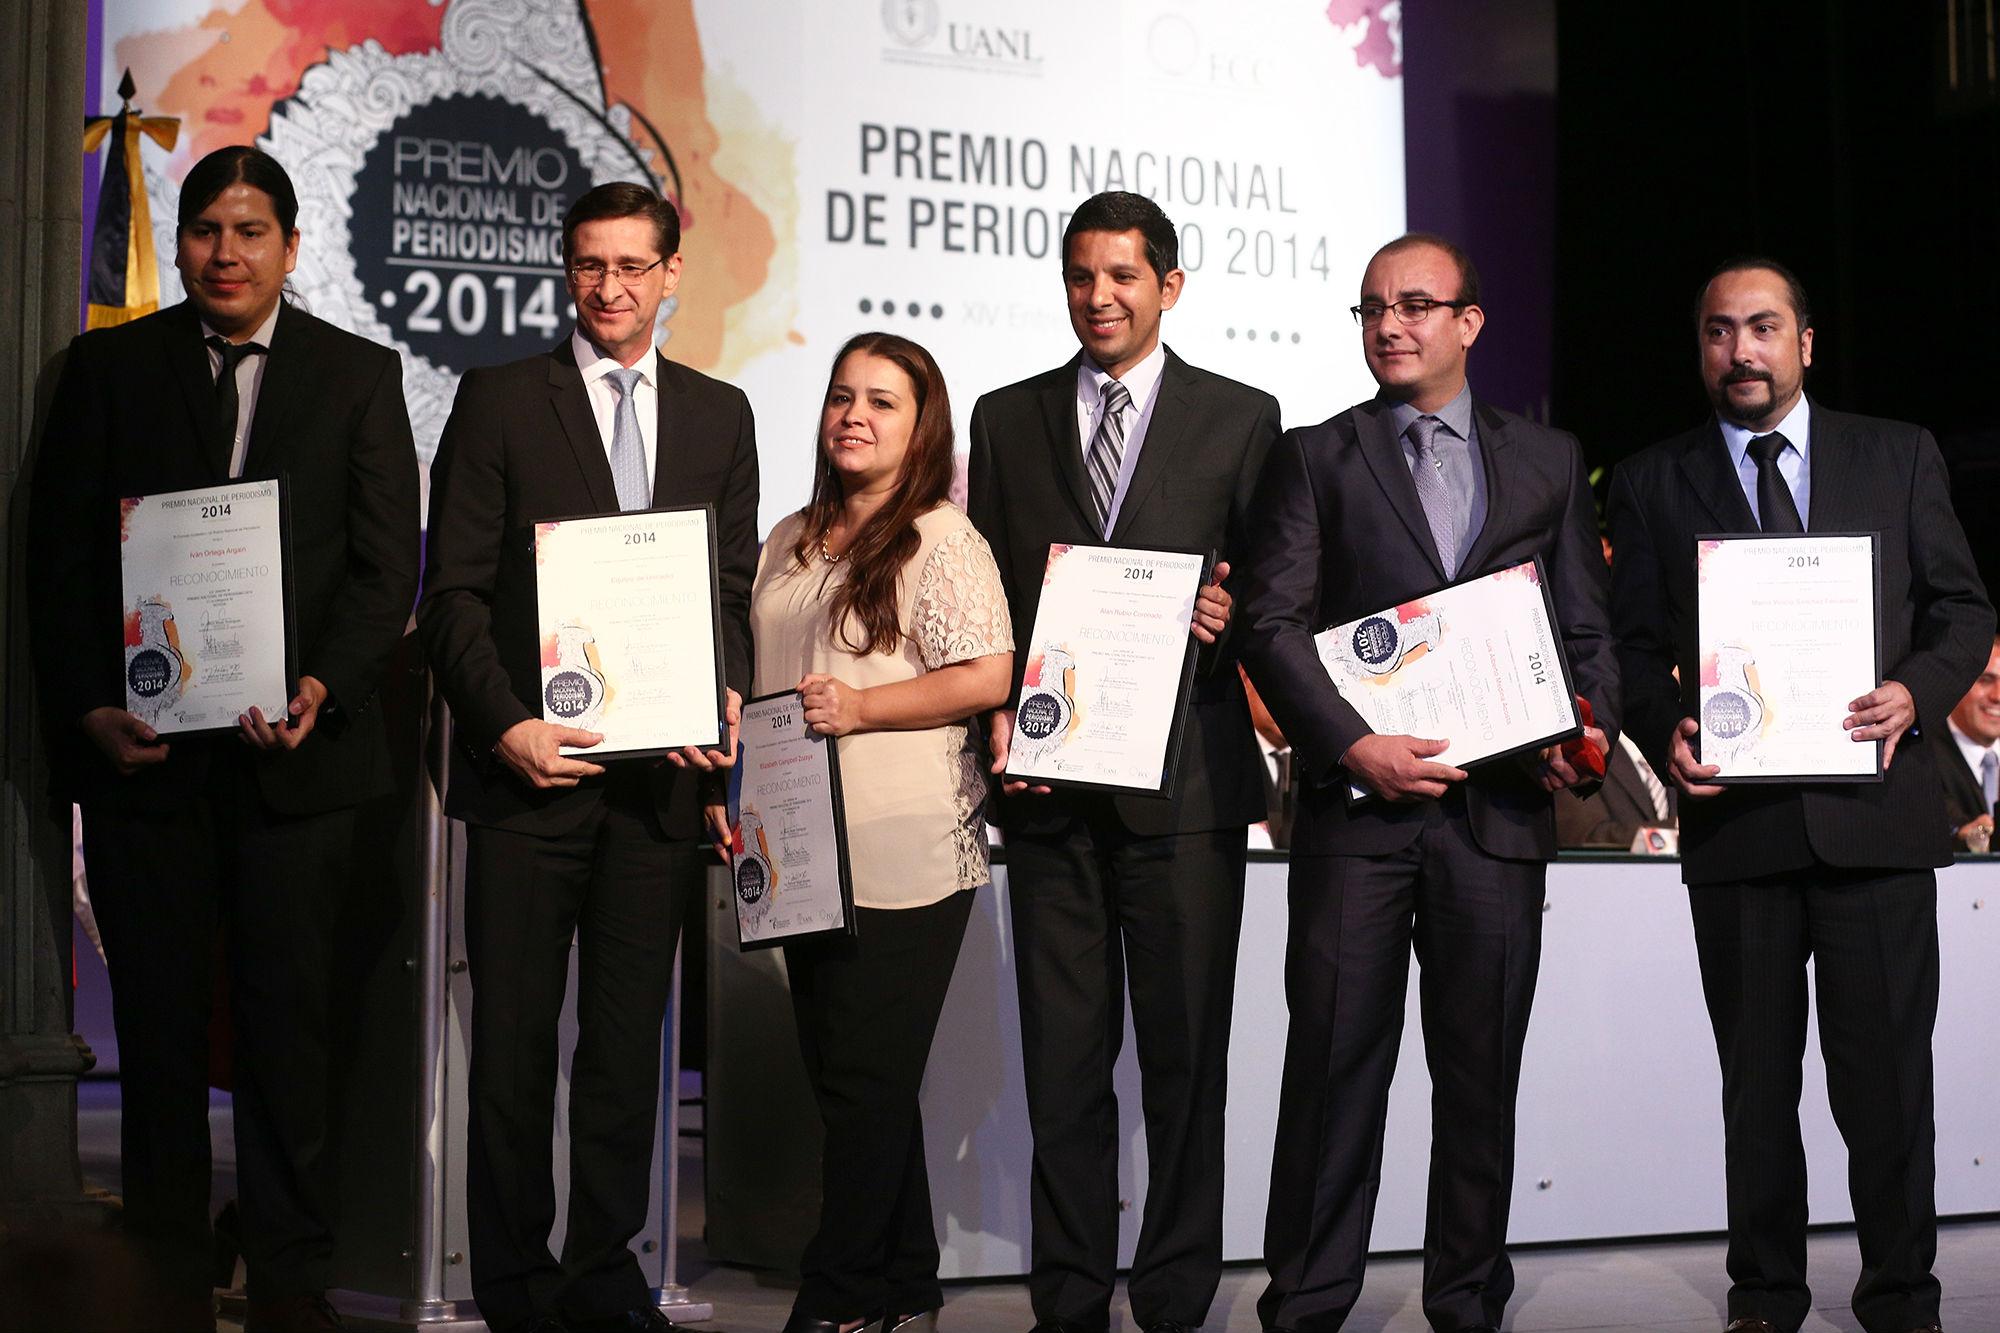 Uniradio recibe el premio en la categoría de Noticias por